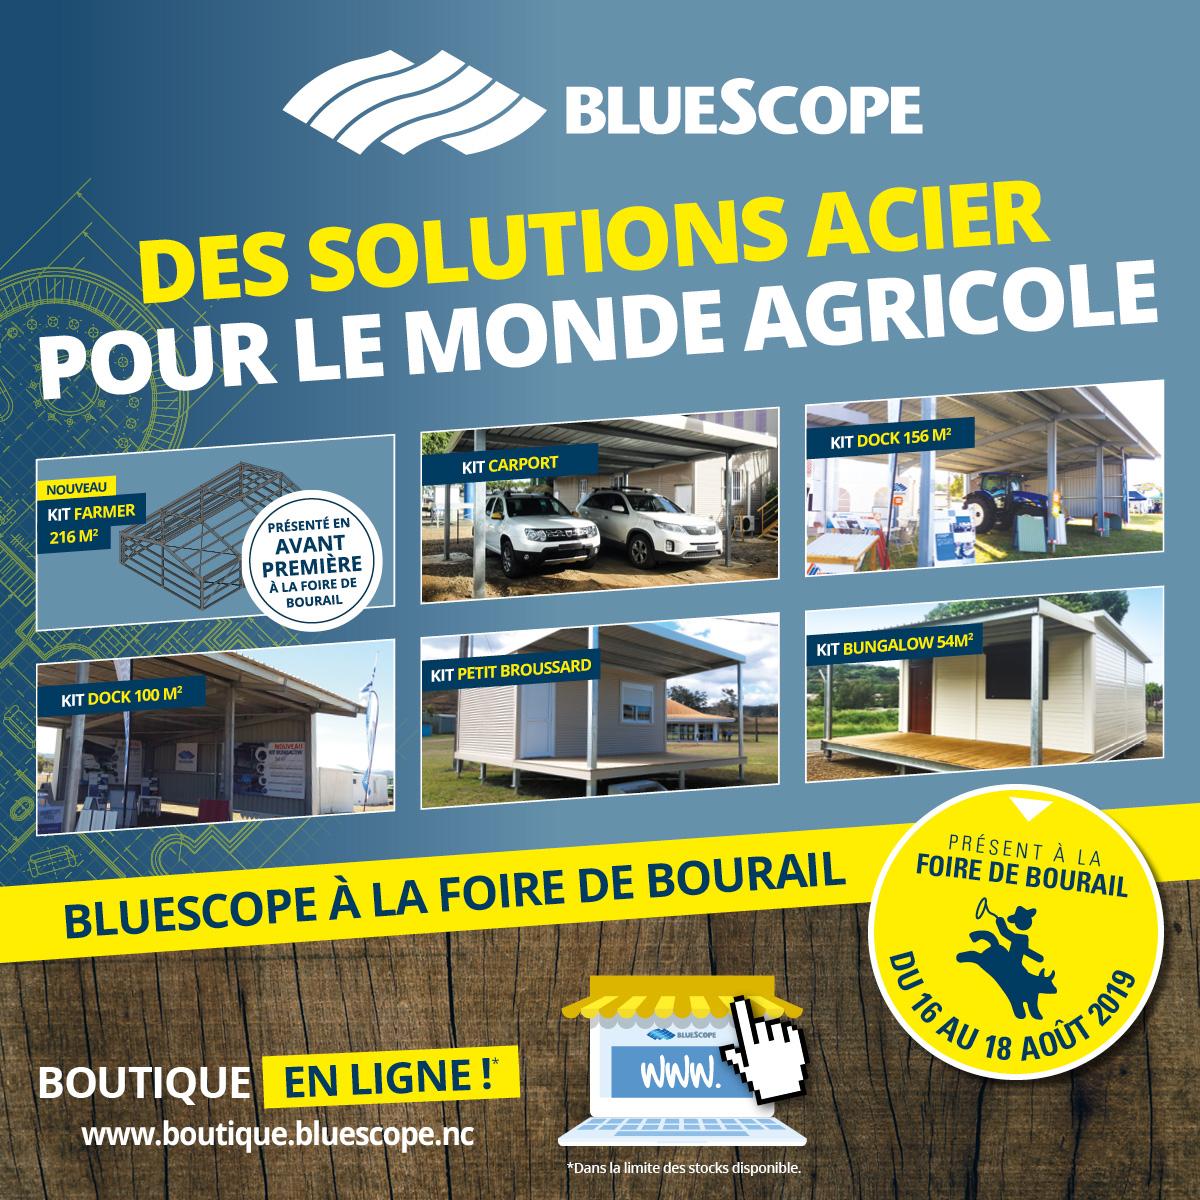 Coup d'Ouest - Bluescope